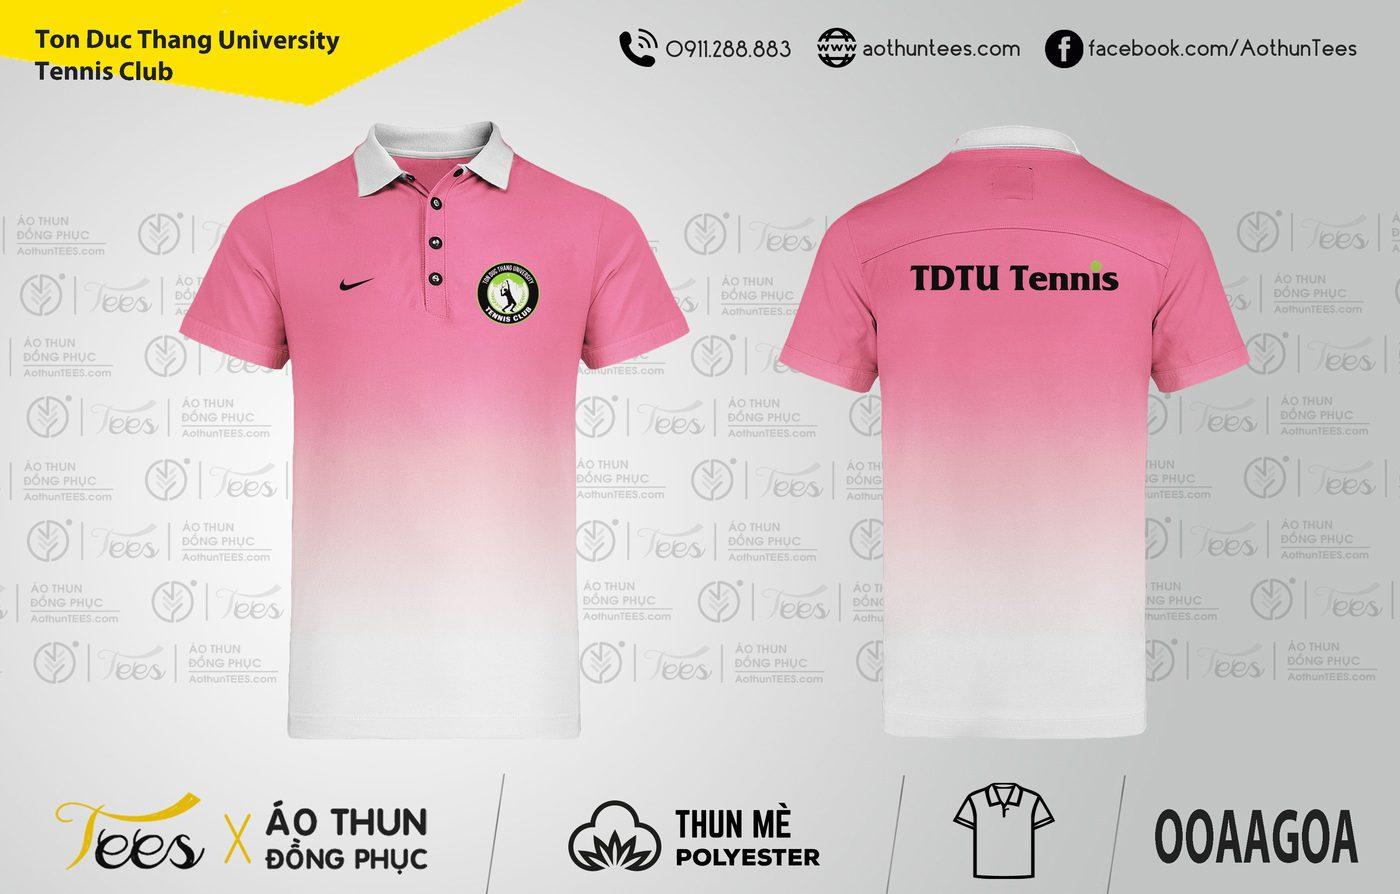 171. Tenis Club Ton Duc Thang - Áo thun đồng phục Ton Duc Thang University Tennis Club